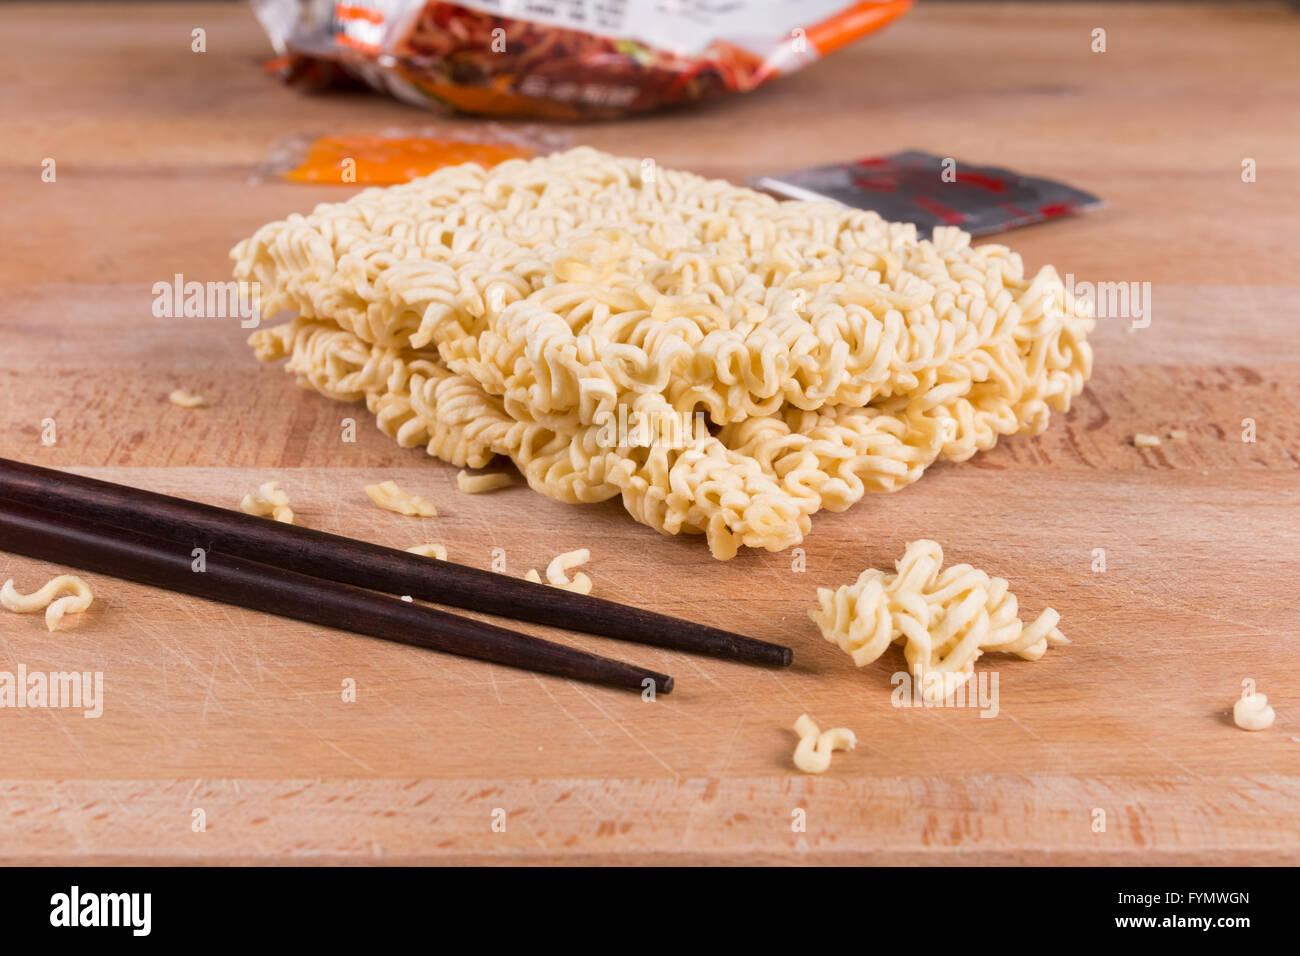 Block of uncooked ramen instant noodles - Stock Image